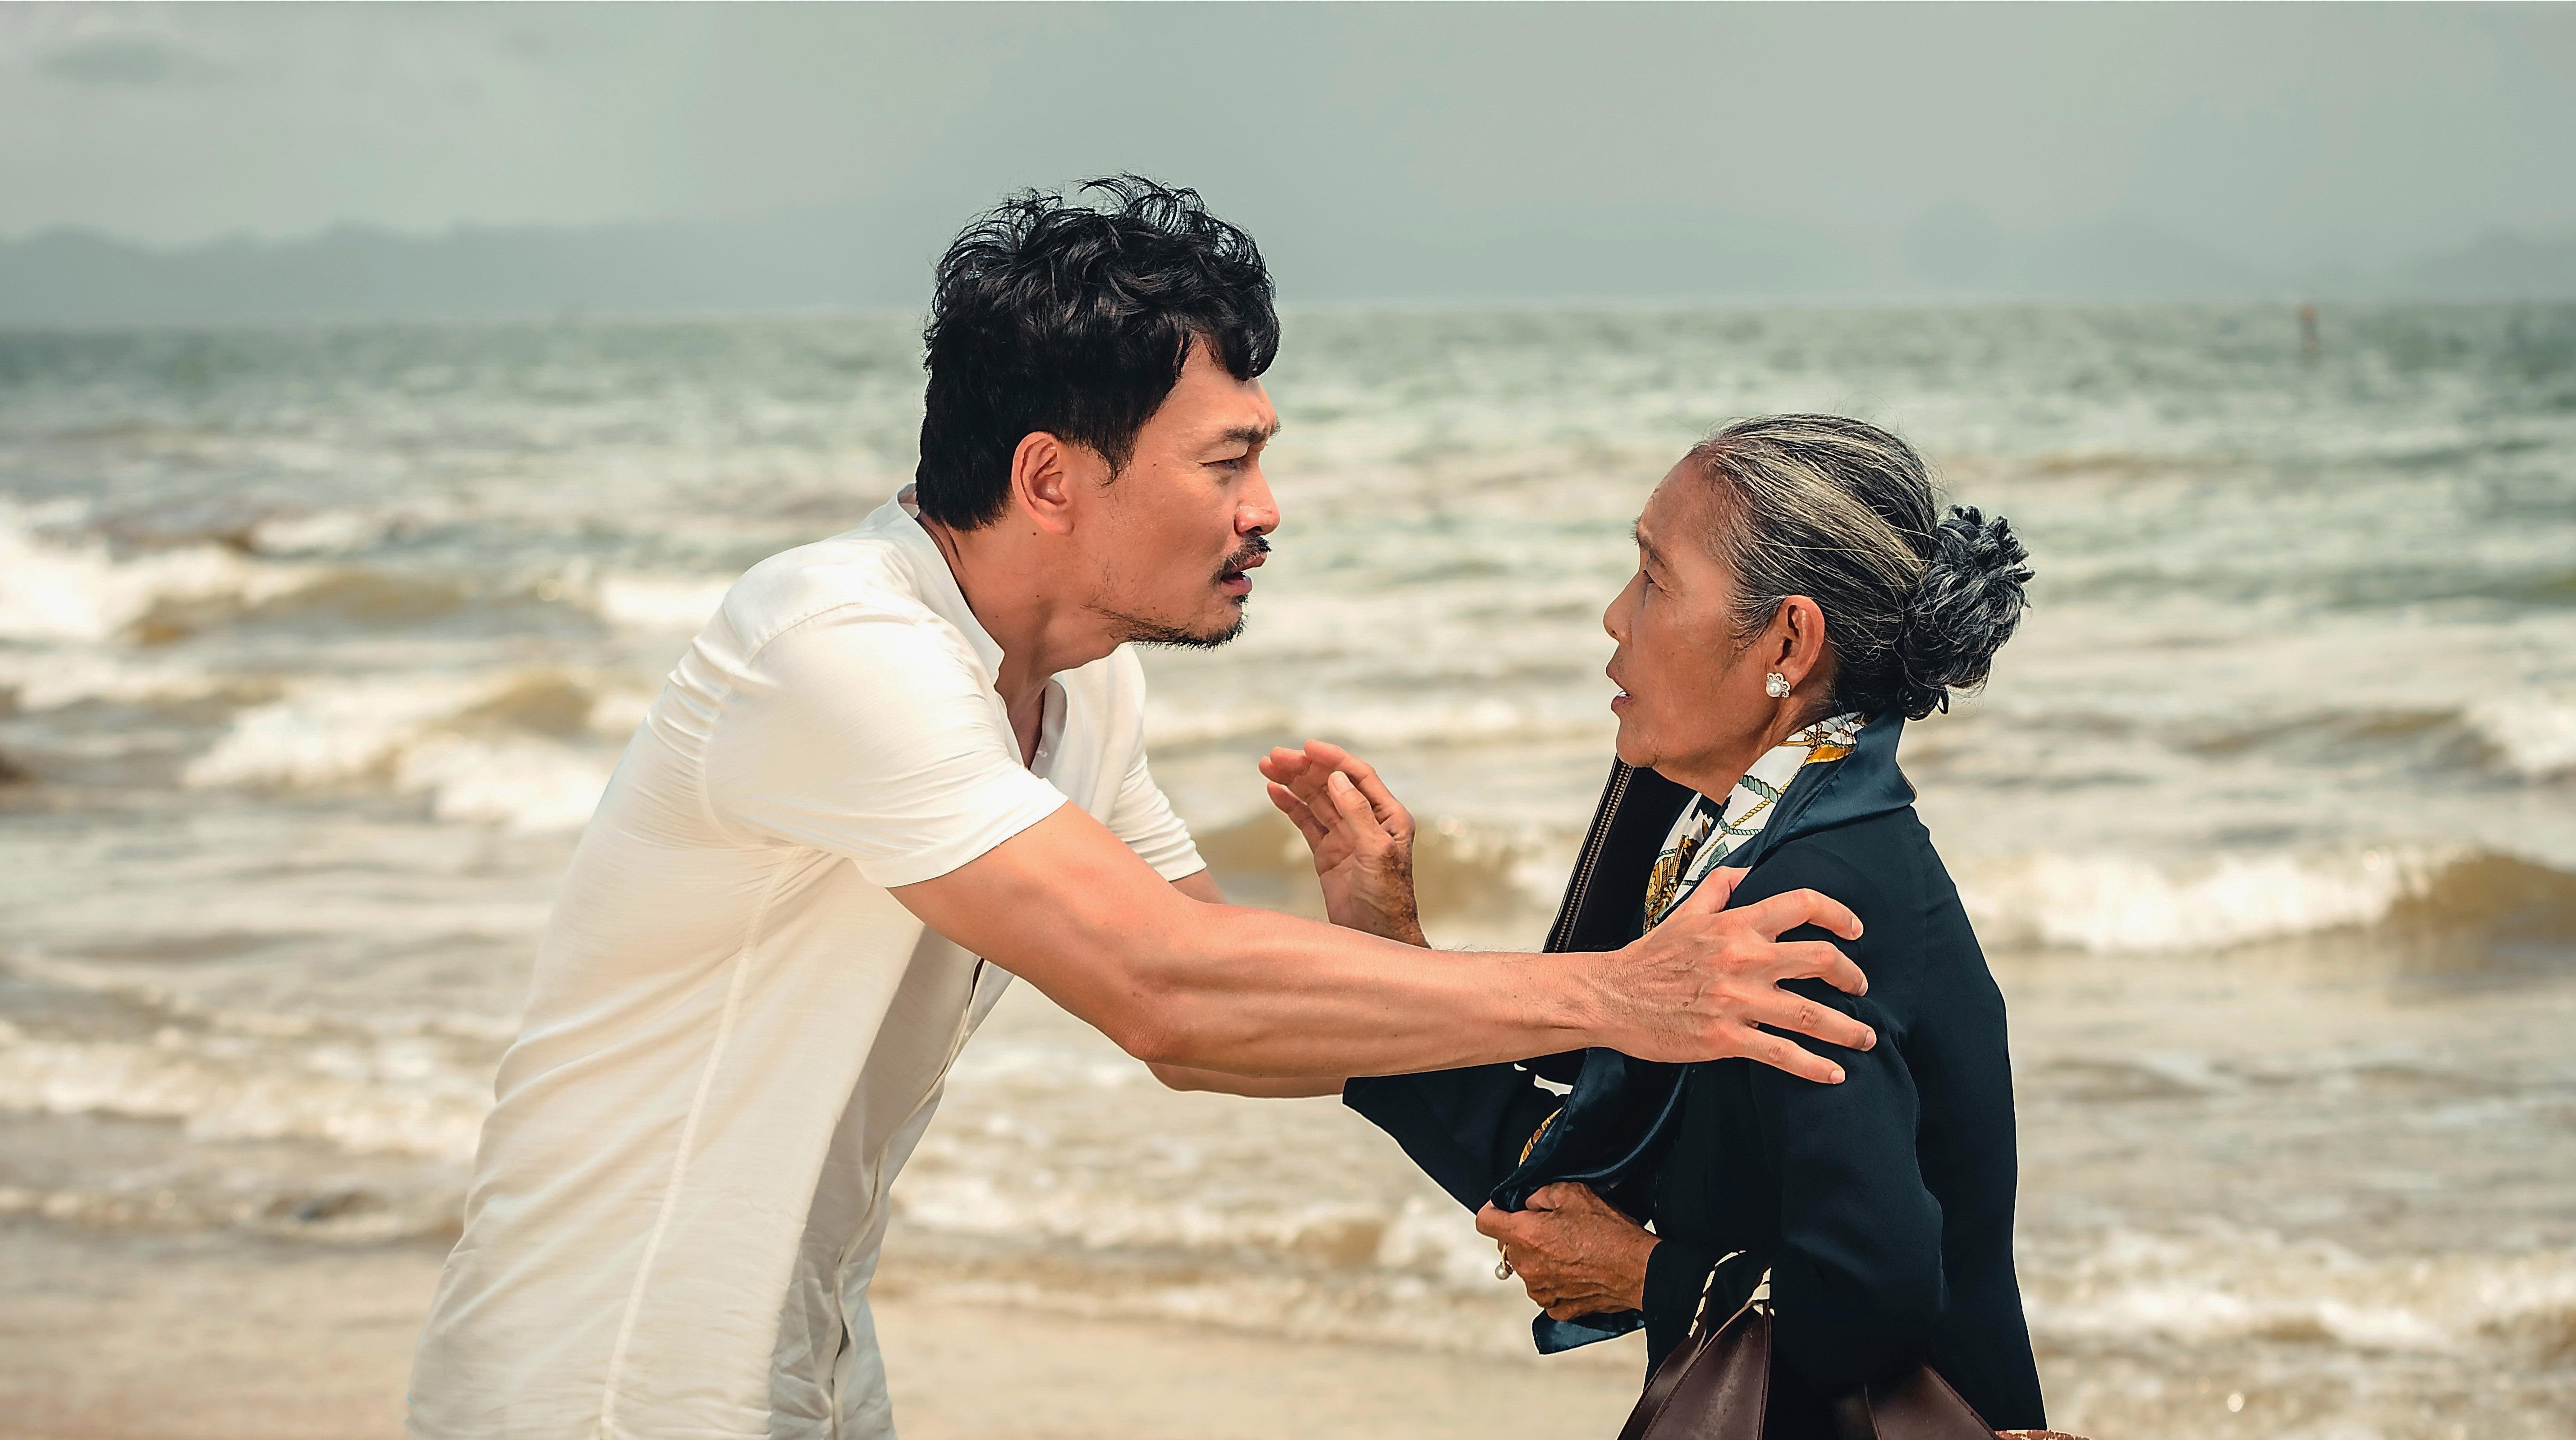 'Khúc mưa' - bộ phim về hòa hợp dân tộc Ảnh 2